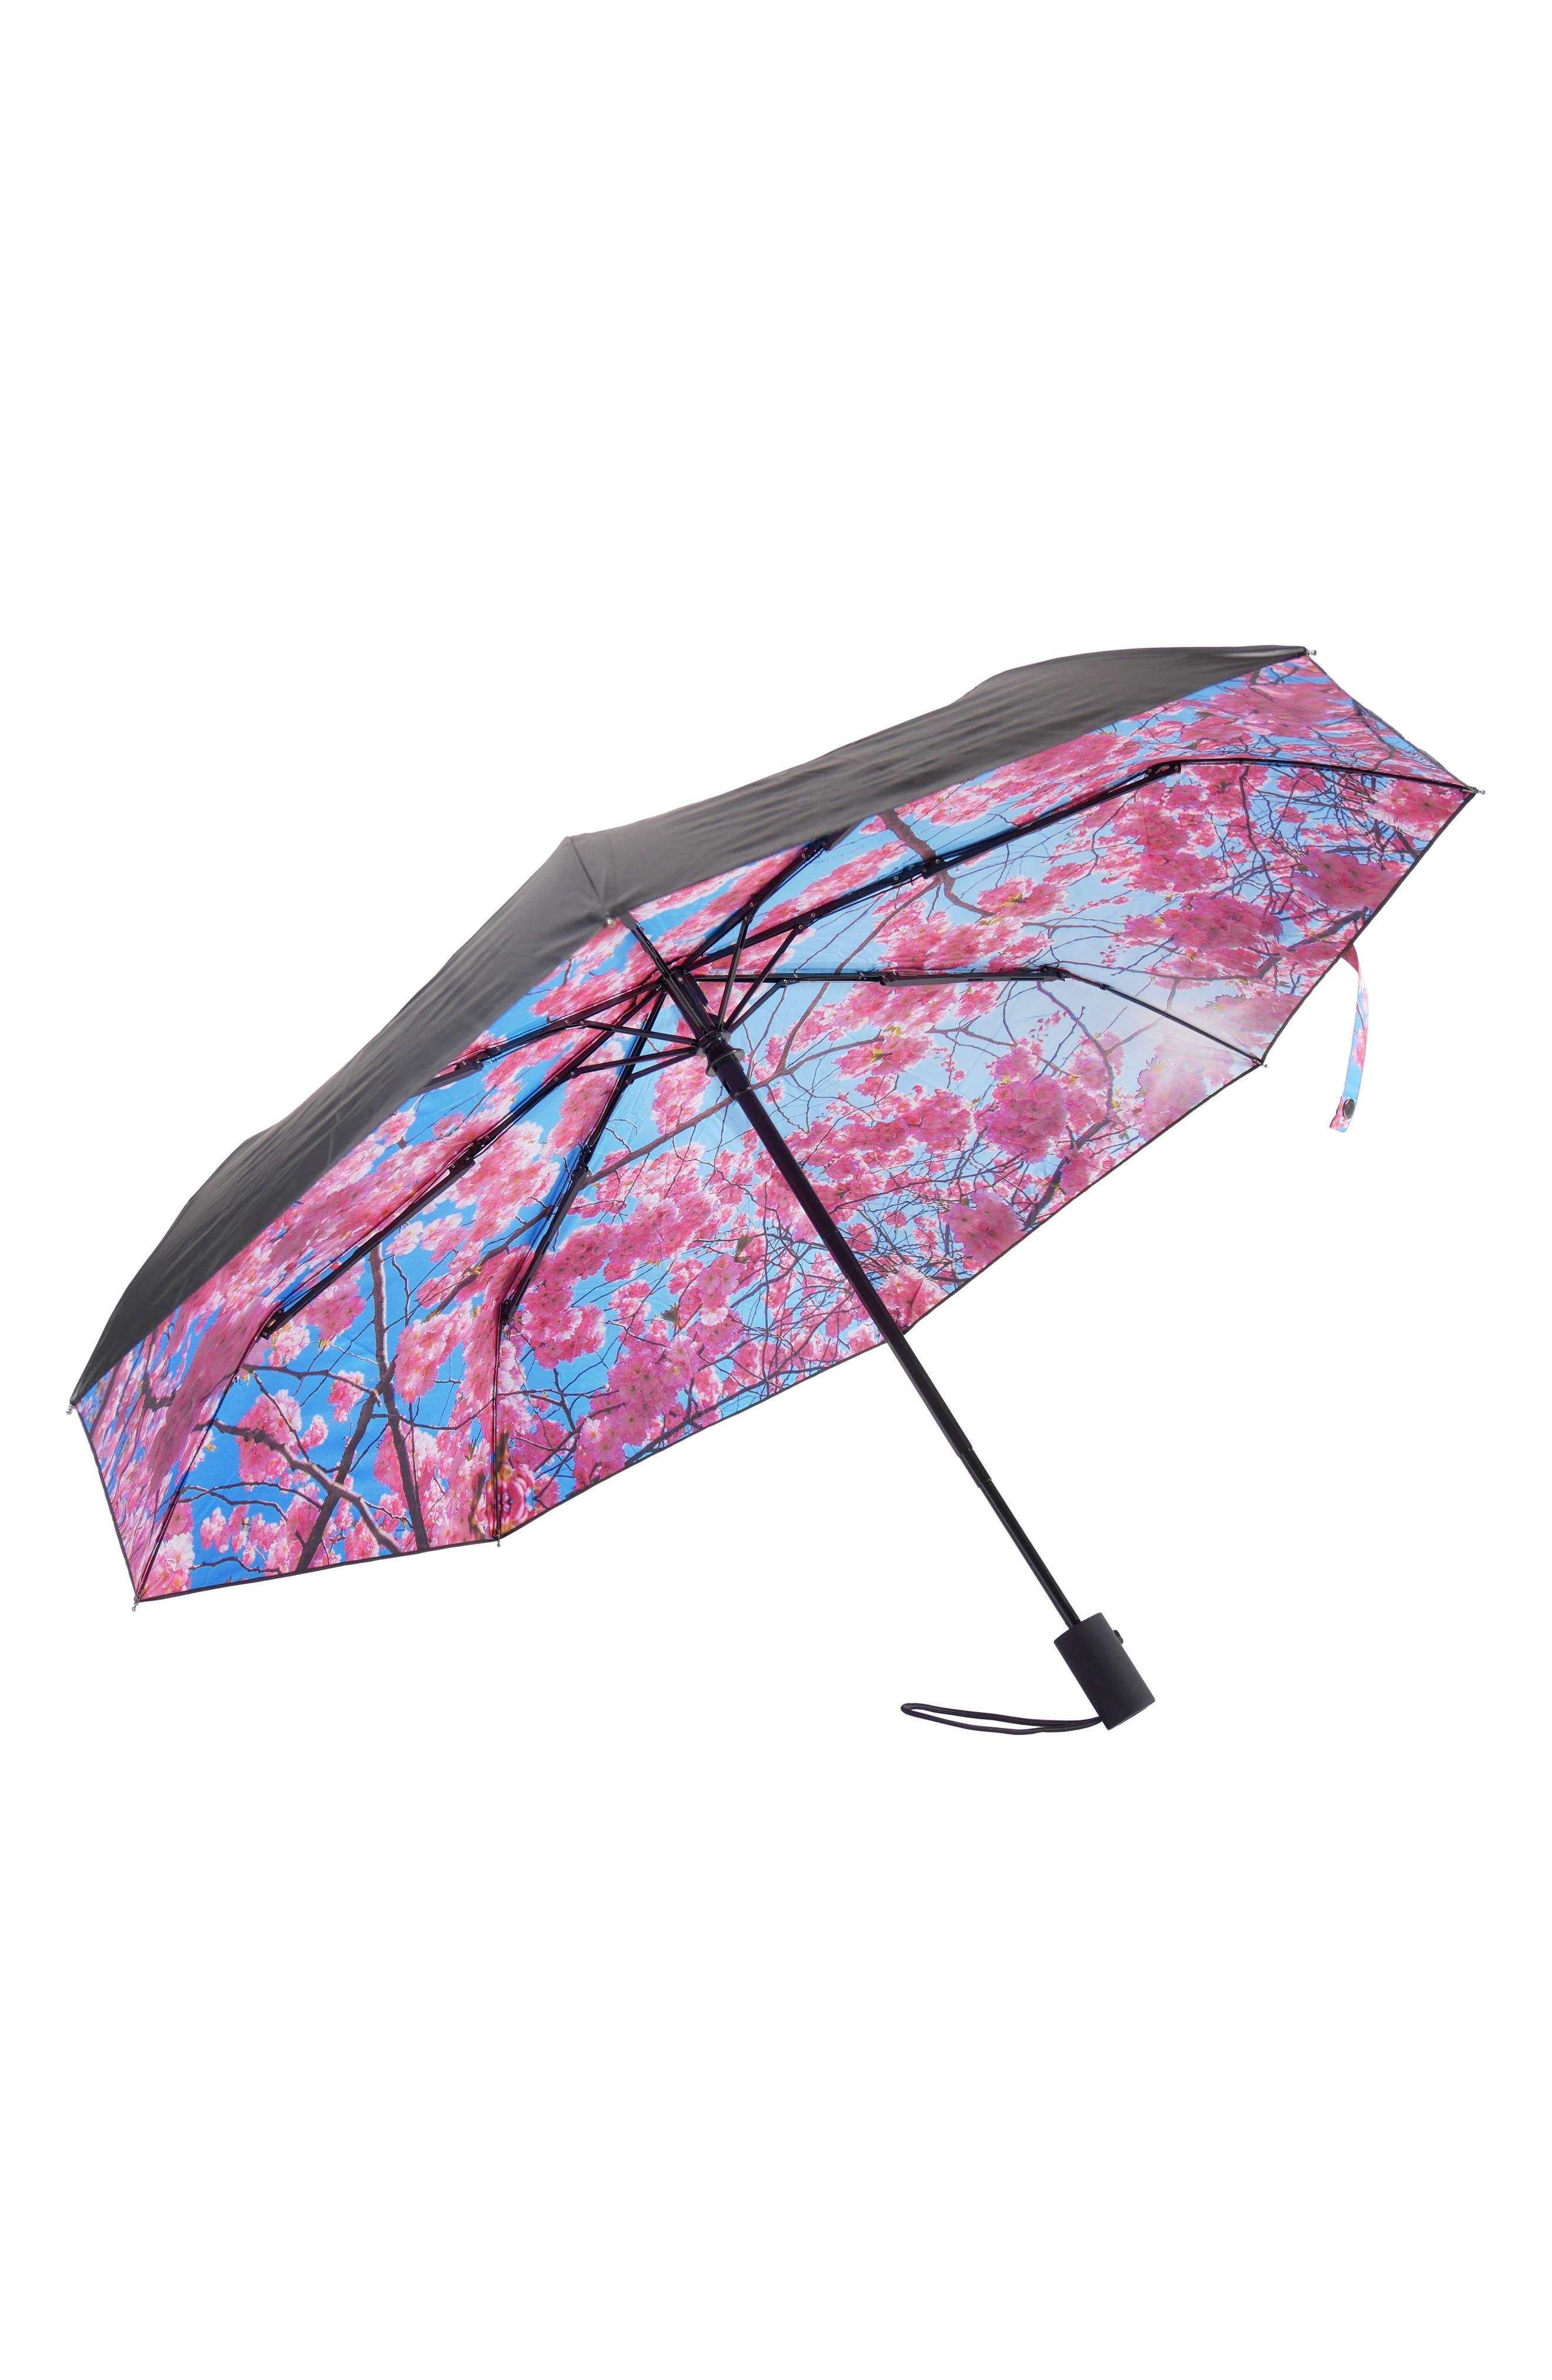 Happysweeds Cherry Blossom Umbrella